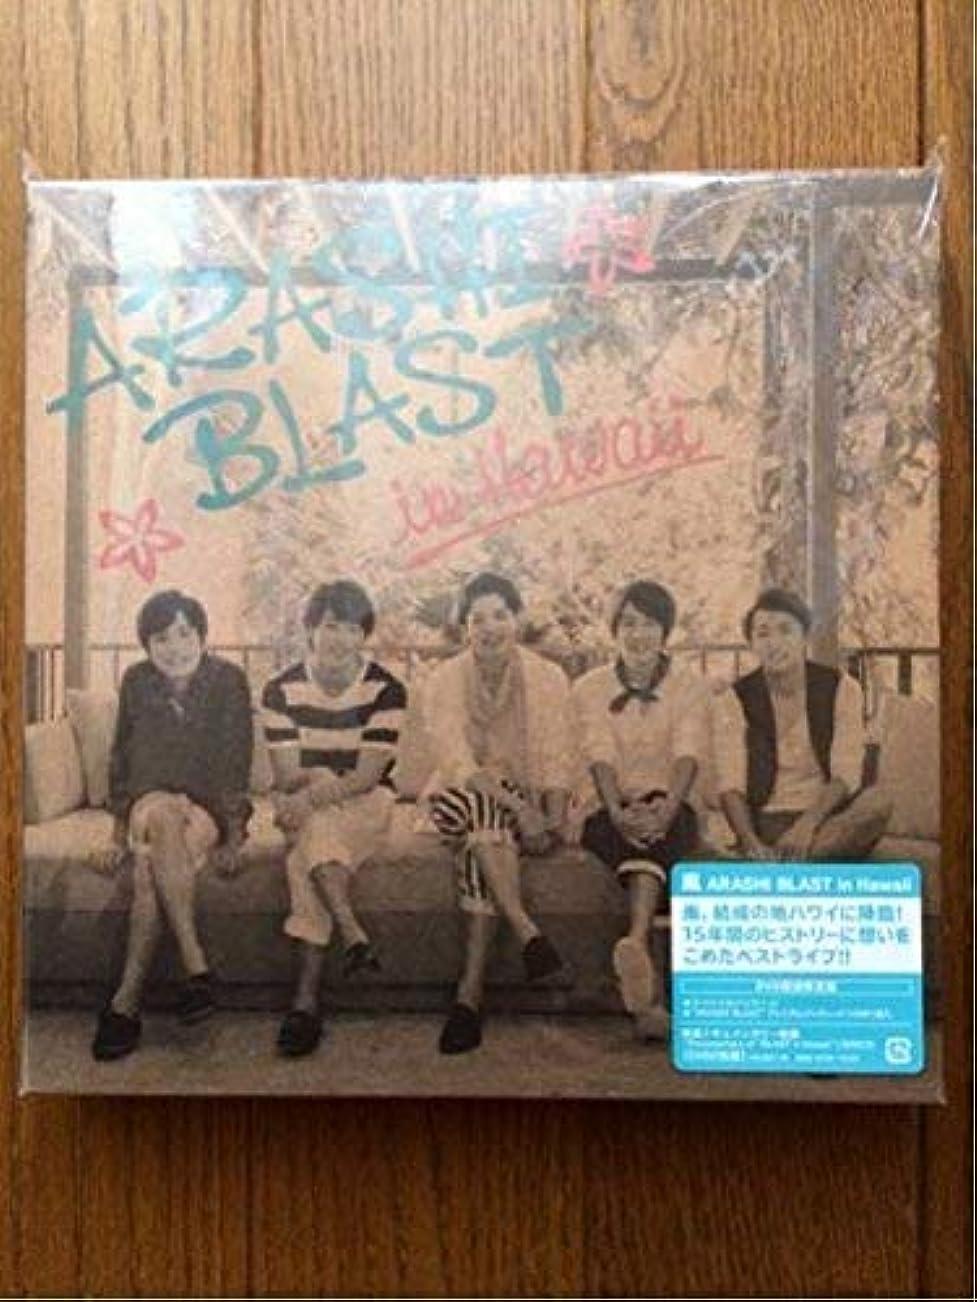 結果実質的ウガンダARASHI BLAST in Hawaii(初回限定盤) [DVD]